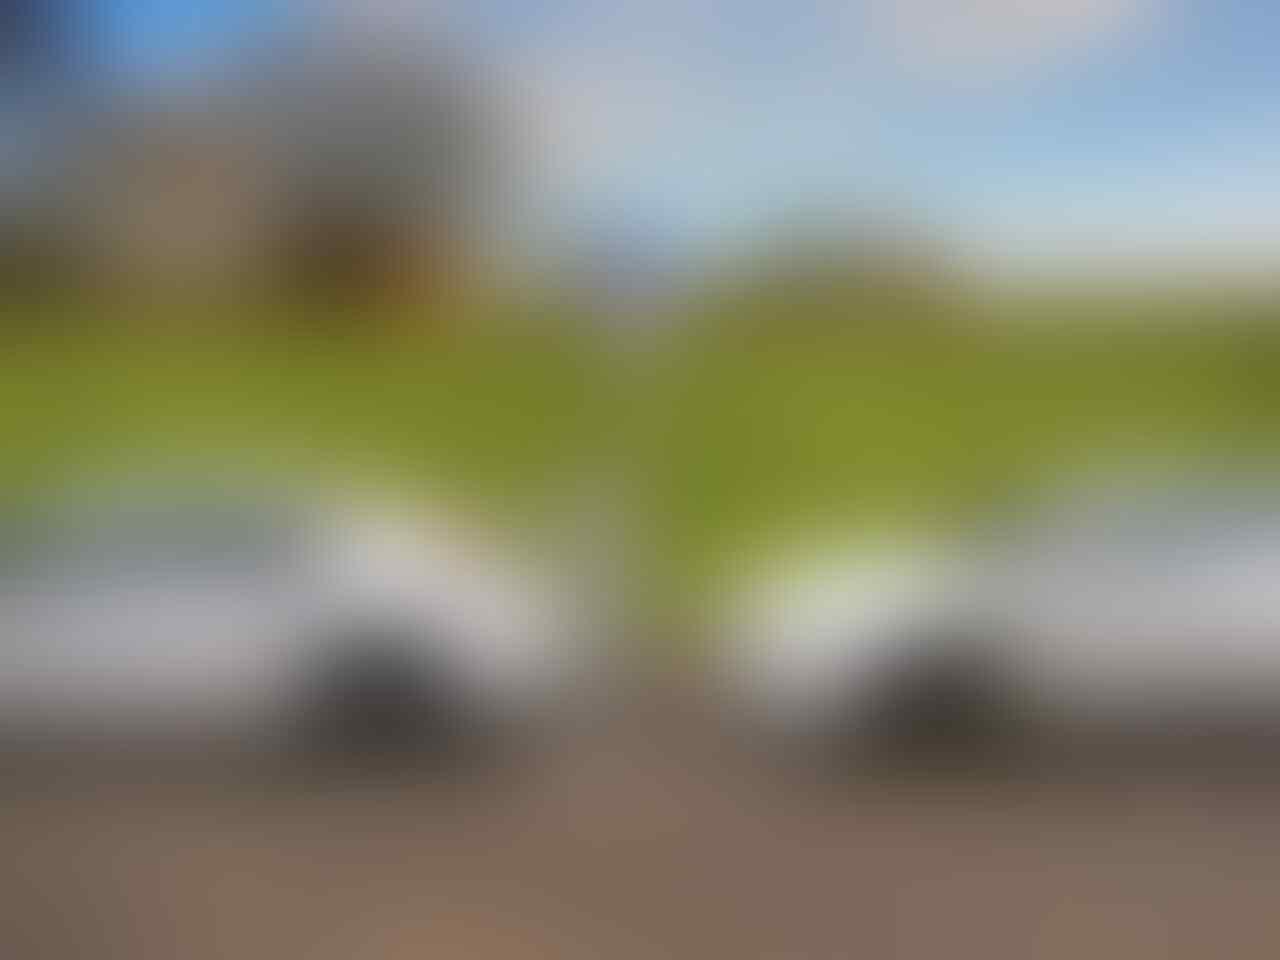 Gagasan Mobil Listrik Masuk Ke Indonesia, Di Dukung atau Di Hambat?